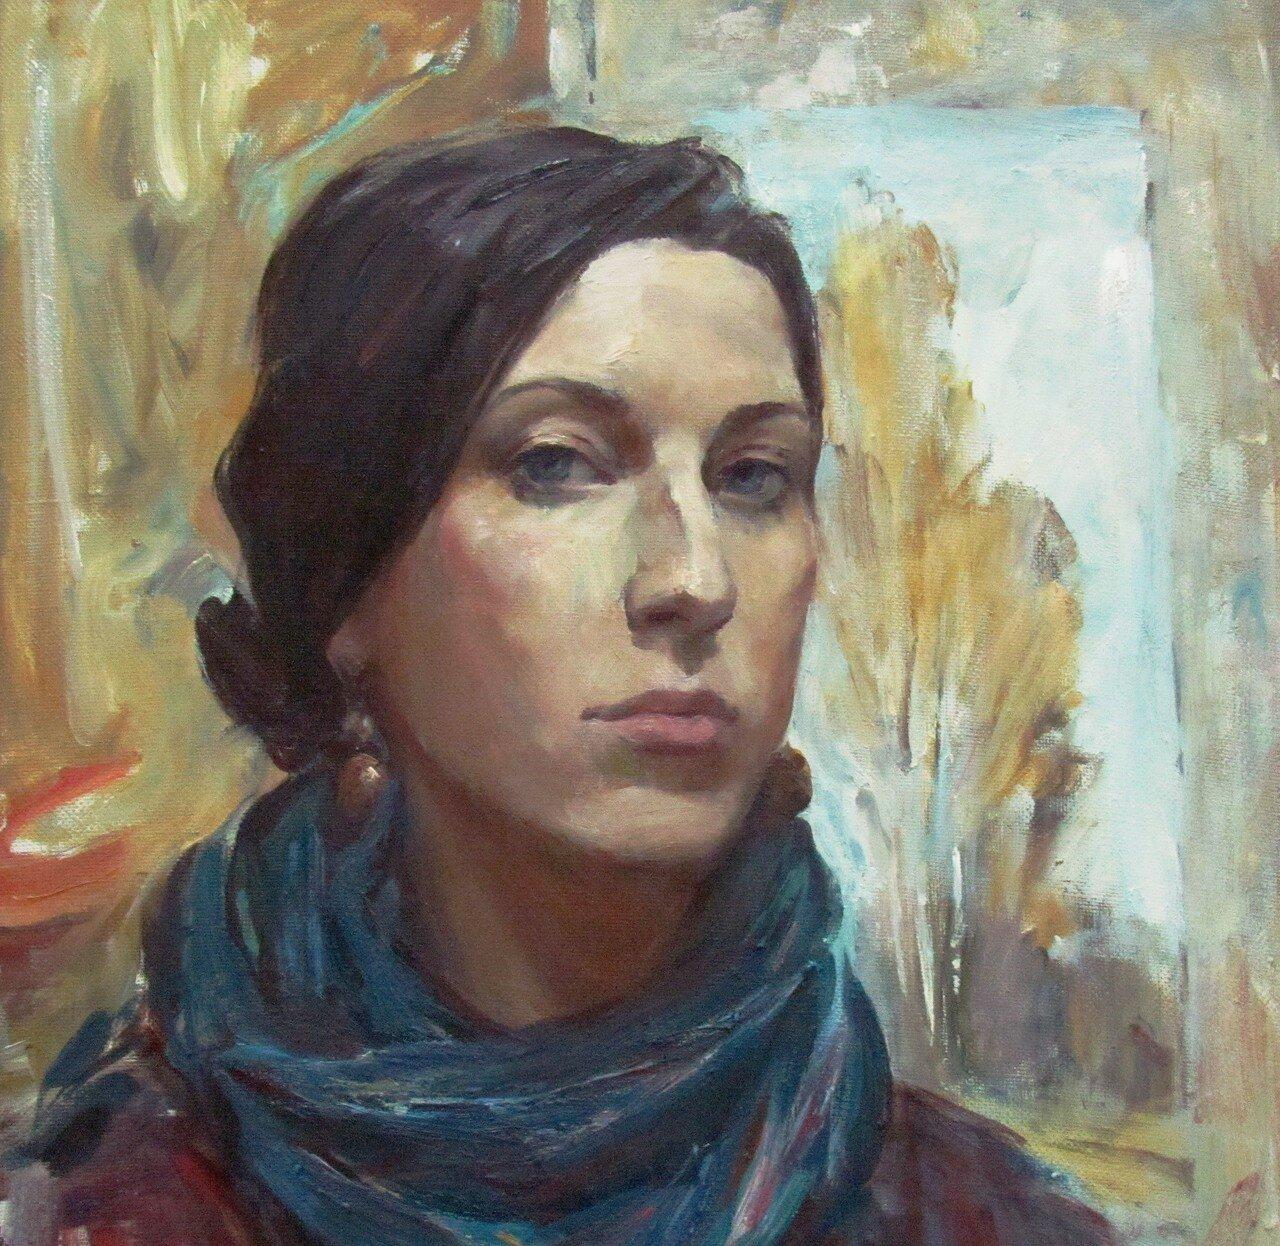 татьяна серебрякова.автопортрет.jpg